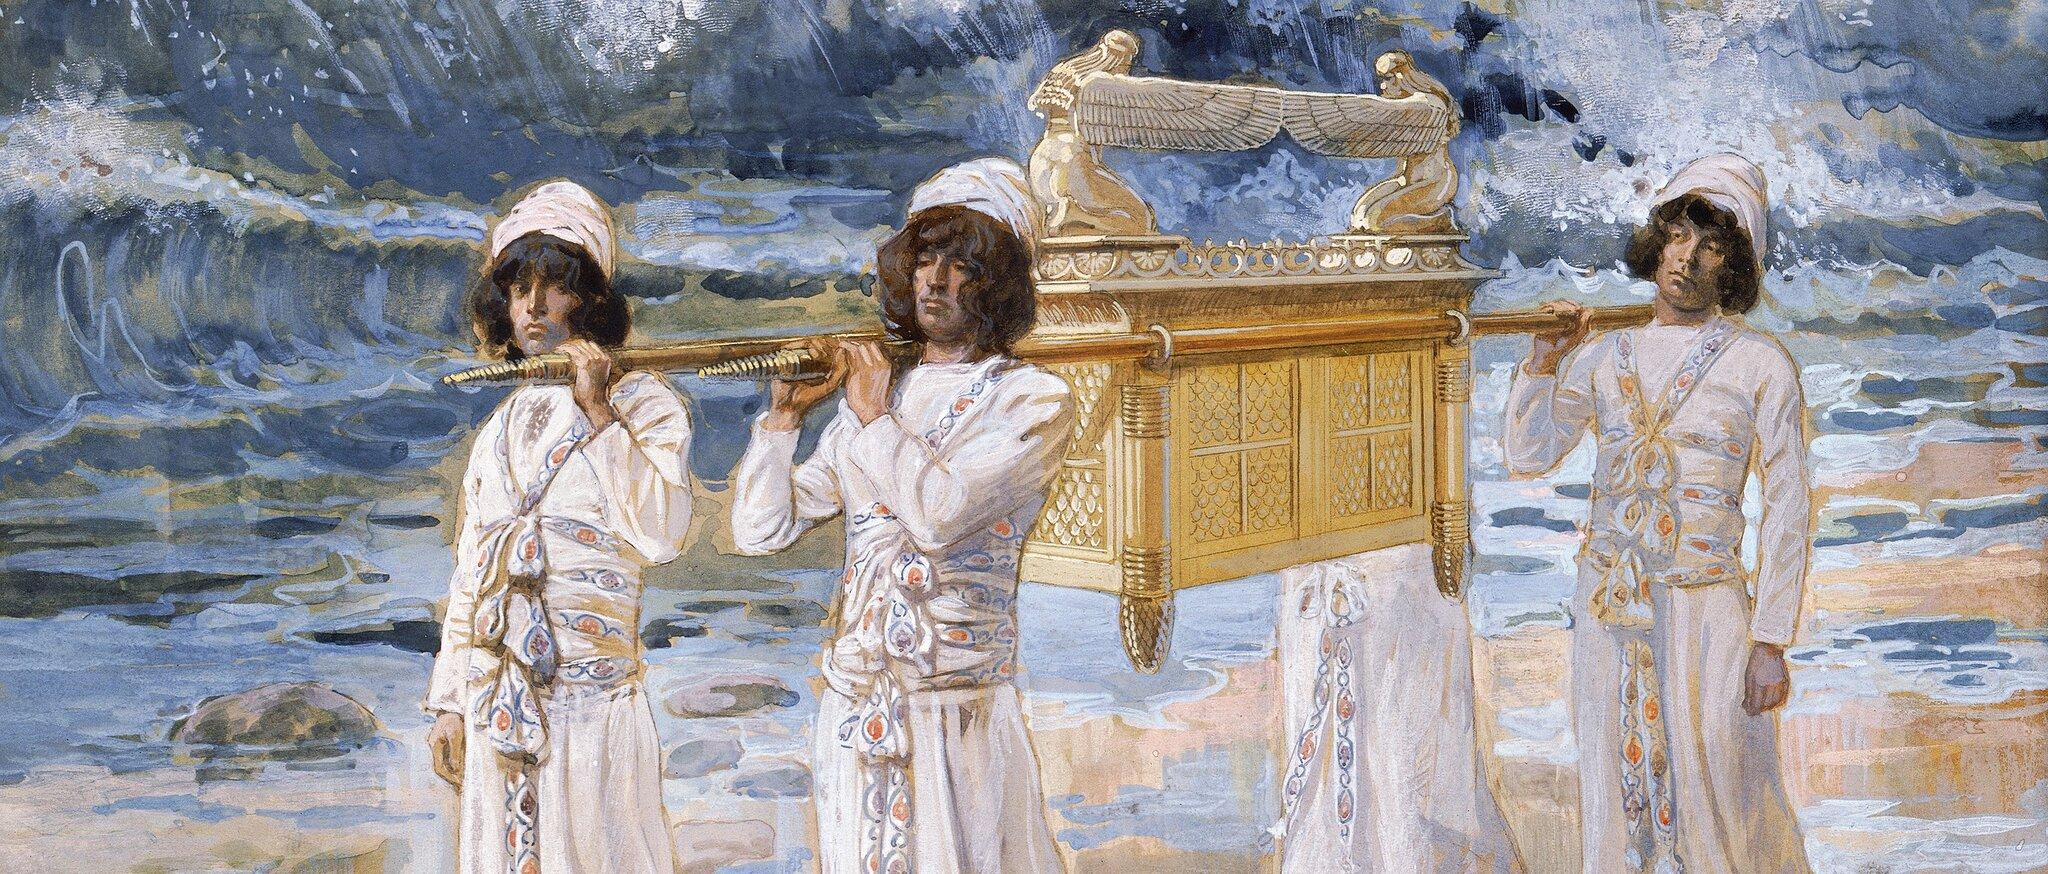 Czterej mężczyźni ubrani wbiałe szaty, zbiałymi turbanami na głowach trzymają za końca dwa drągi na których zaczepiona jest zdobiona skrzynia wkolorze złotym, na której pokrywie widać dwie rzeźby uskrzydlonych aniołów wyciągających do siebie skrzydła.